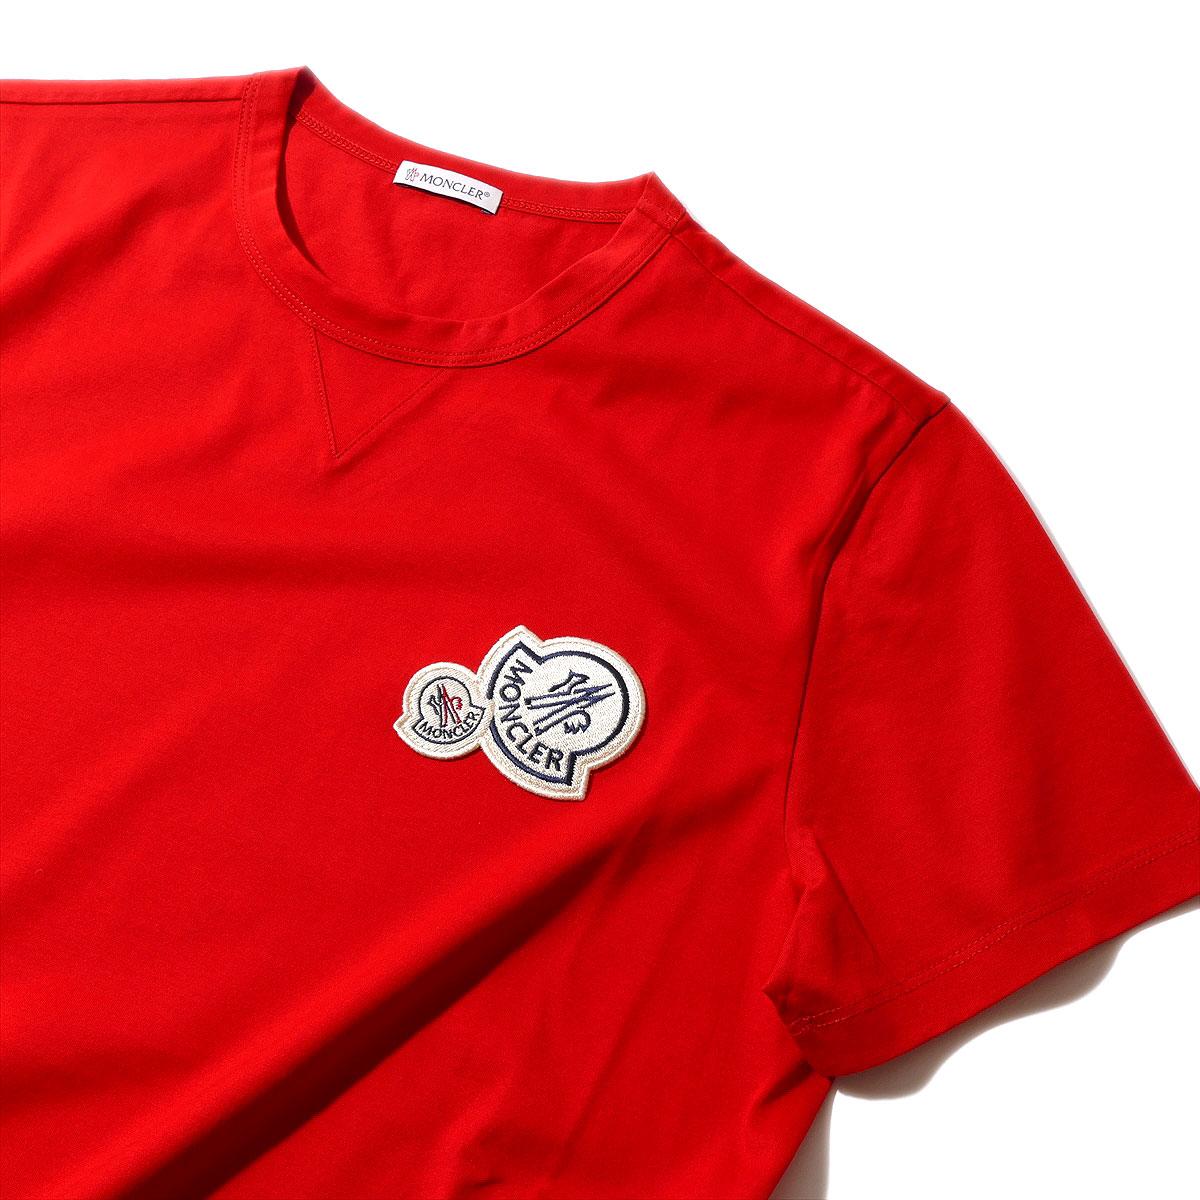 モンクレール2018SS エンブレム付きTシャツ80325 448レッド メンズ【トップス Tシャツ 半袖 おしゃれ 夏服 メンズ 誕生日プレゼント】MONCLER